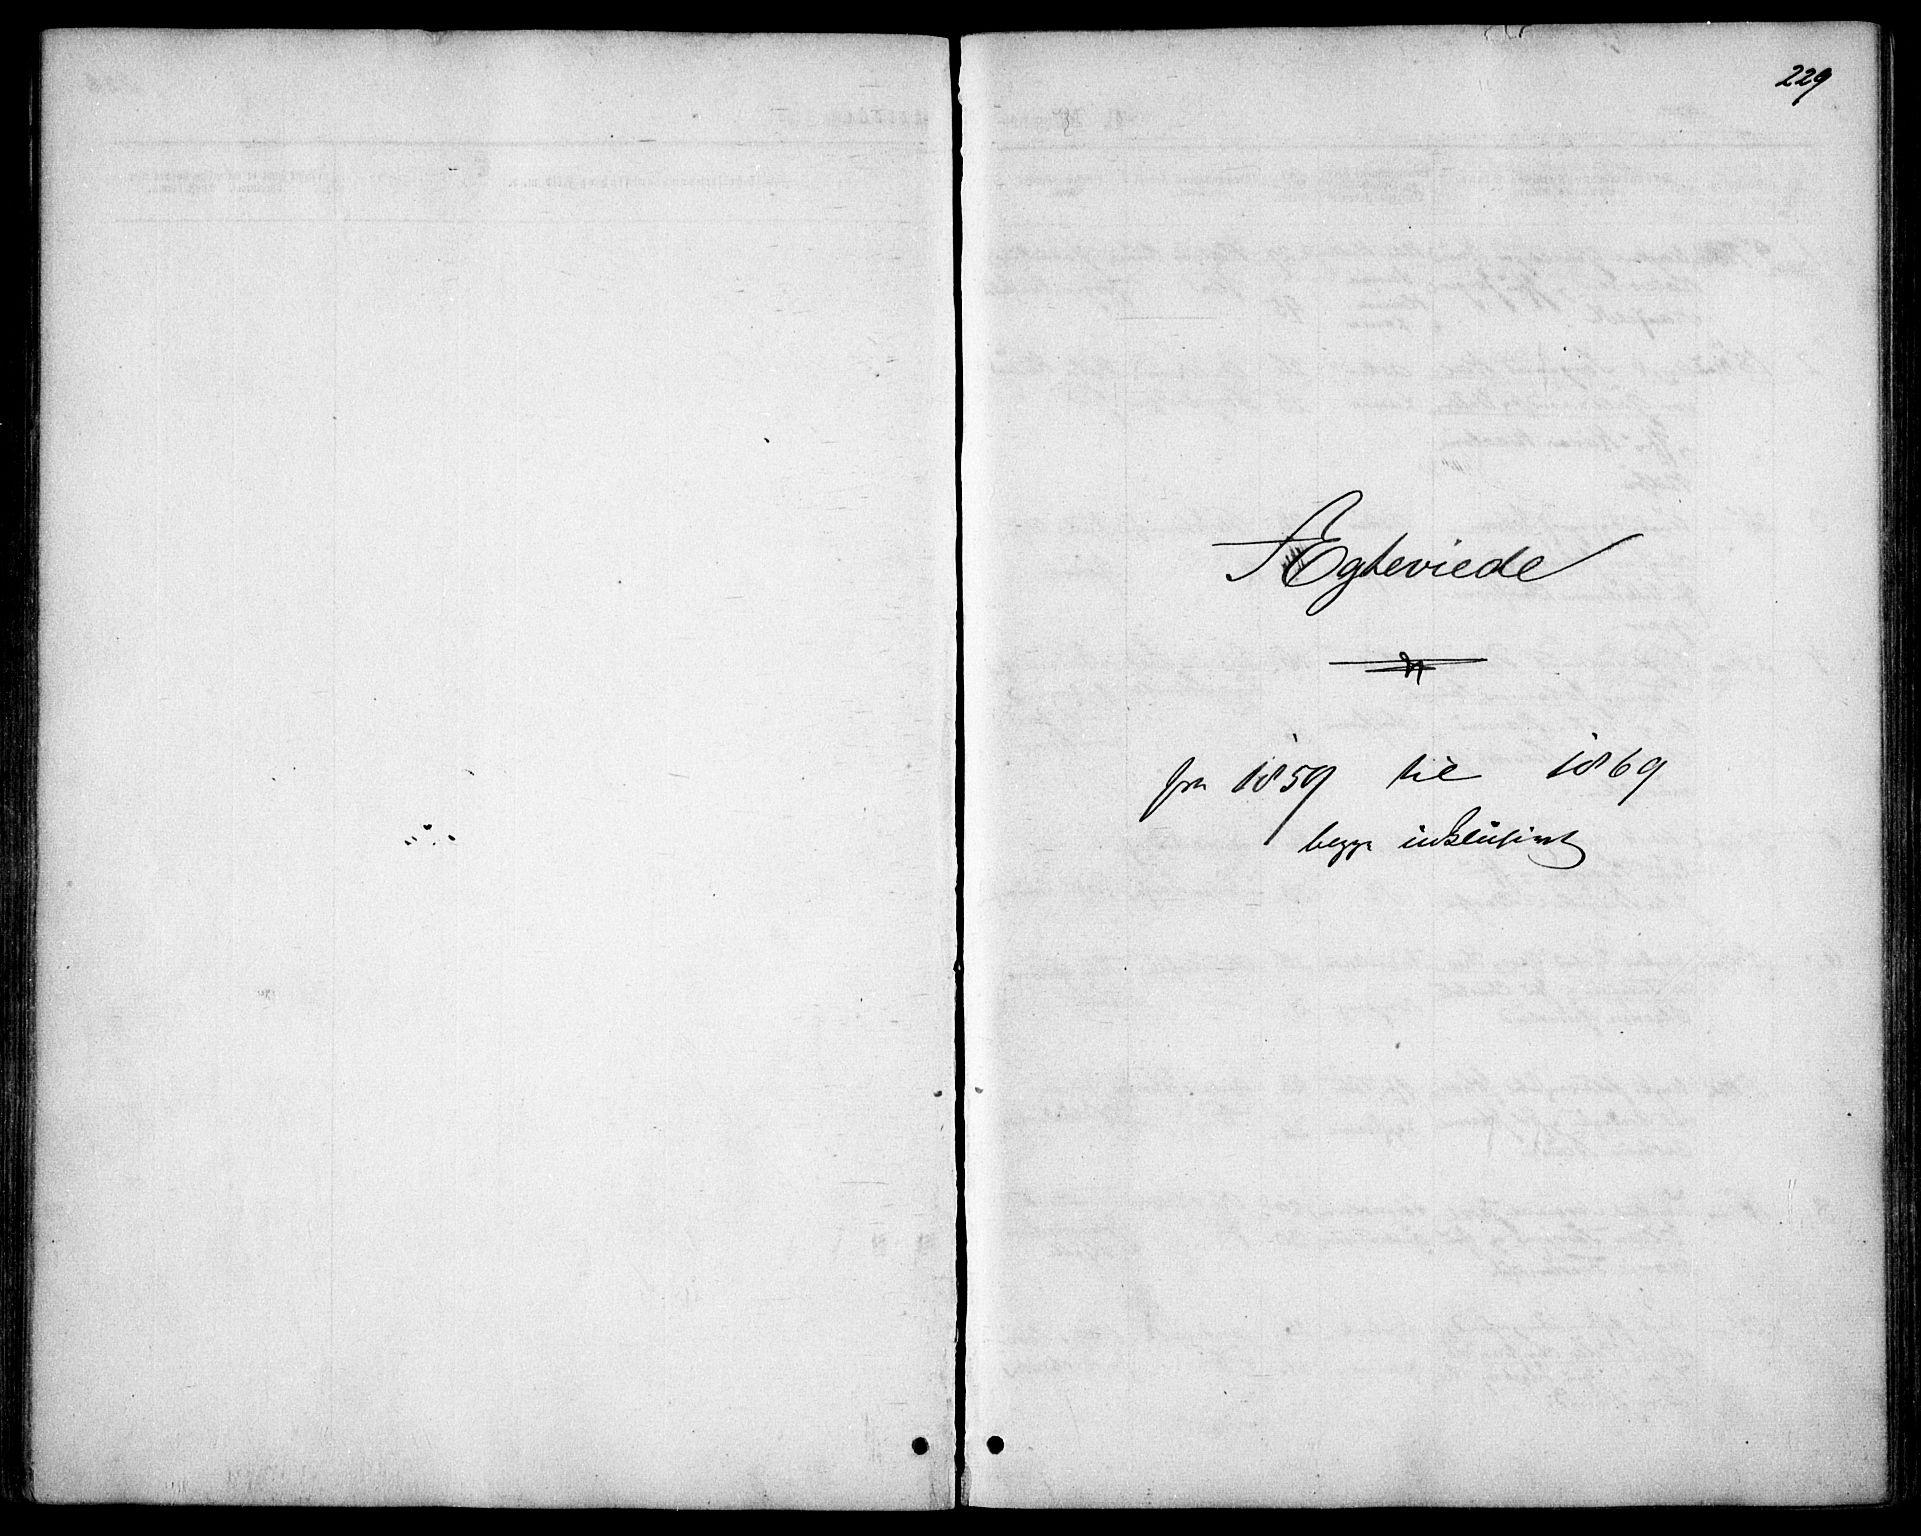 SAO, Garnisonsmenigheten Kirkebøker, F/Fa/L0010: Ministerialbok nr. 10, 1859-1869, s. 229